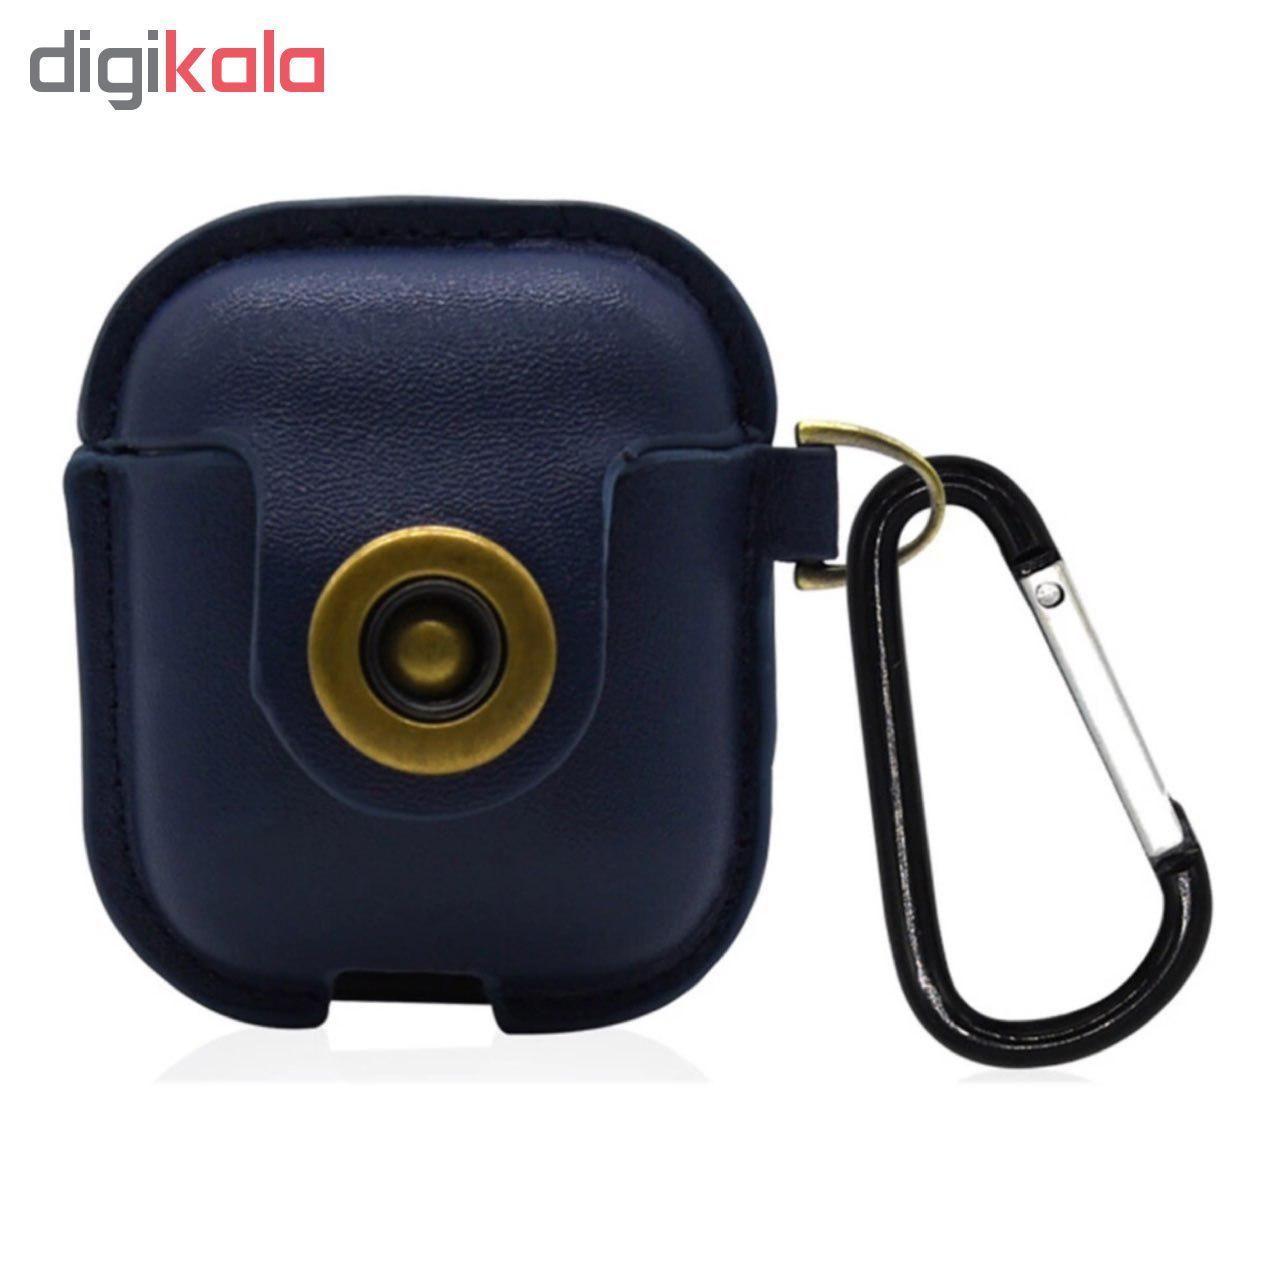 کاور محافظ مدل Button مناسب برای کیس ایرپاد main 1 5